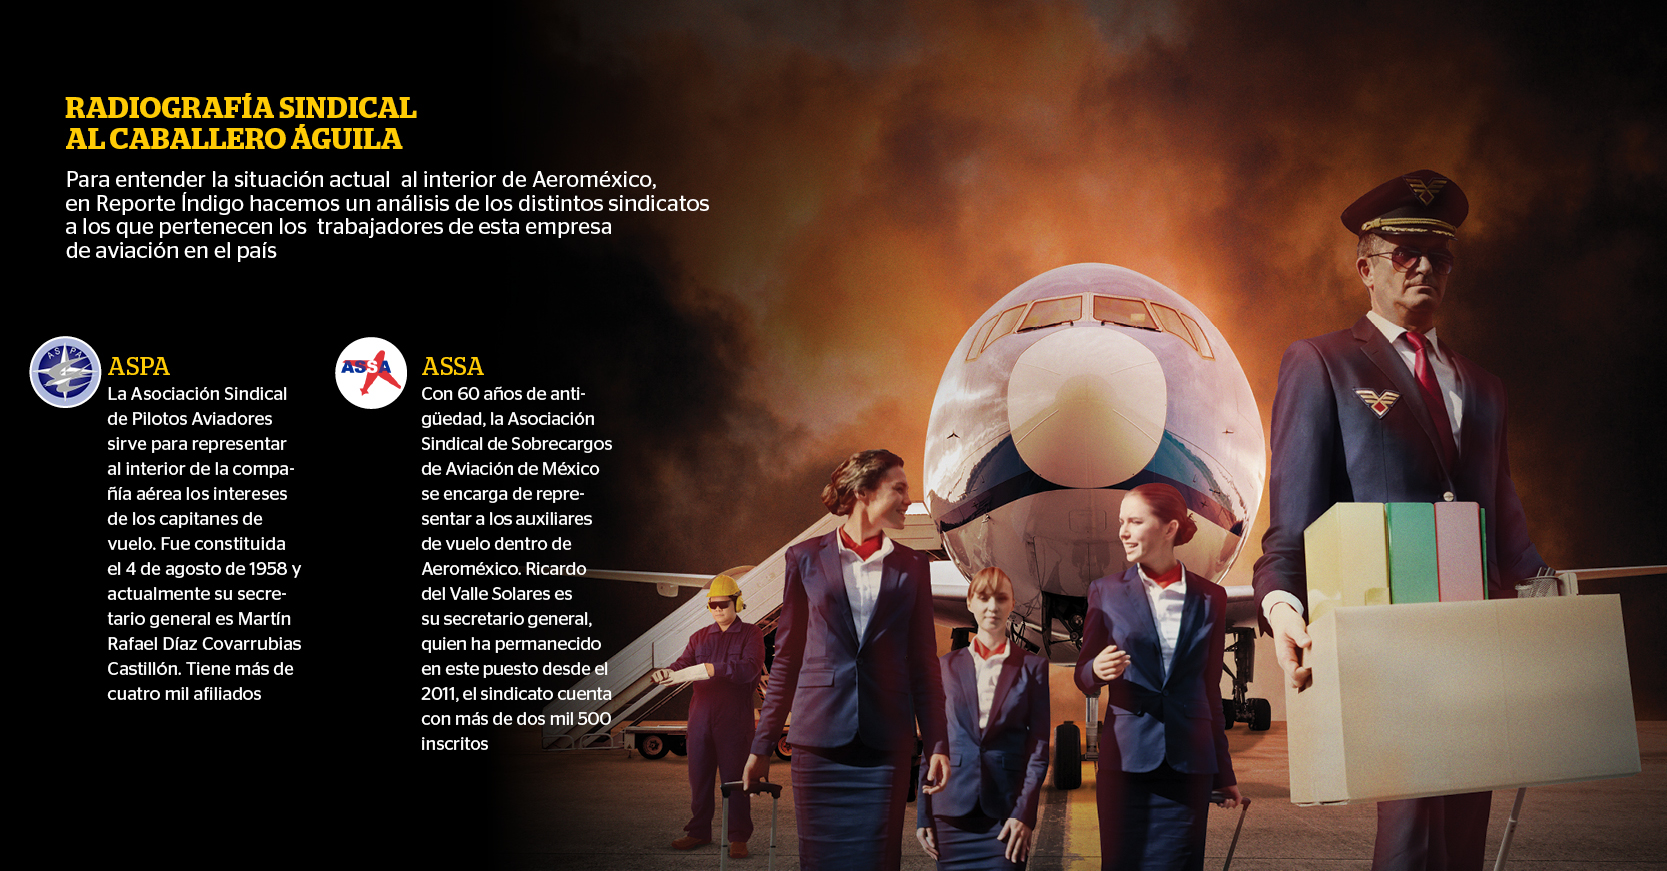 Para entender la situación actual al interior de Aeroméxico, en Reporte Índigo hacemos un análisis de los distintos sindicatos a los que pertenecen los trabajadores de esta empresa de aviación en el país